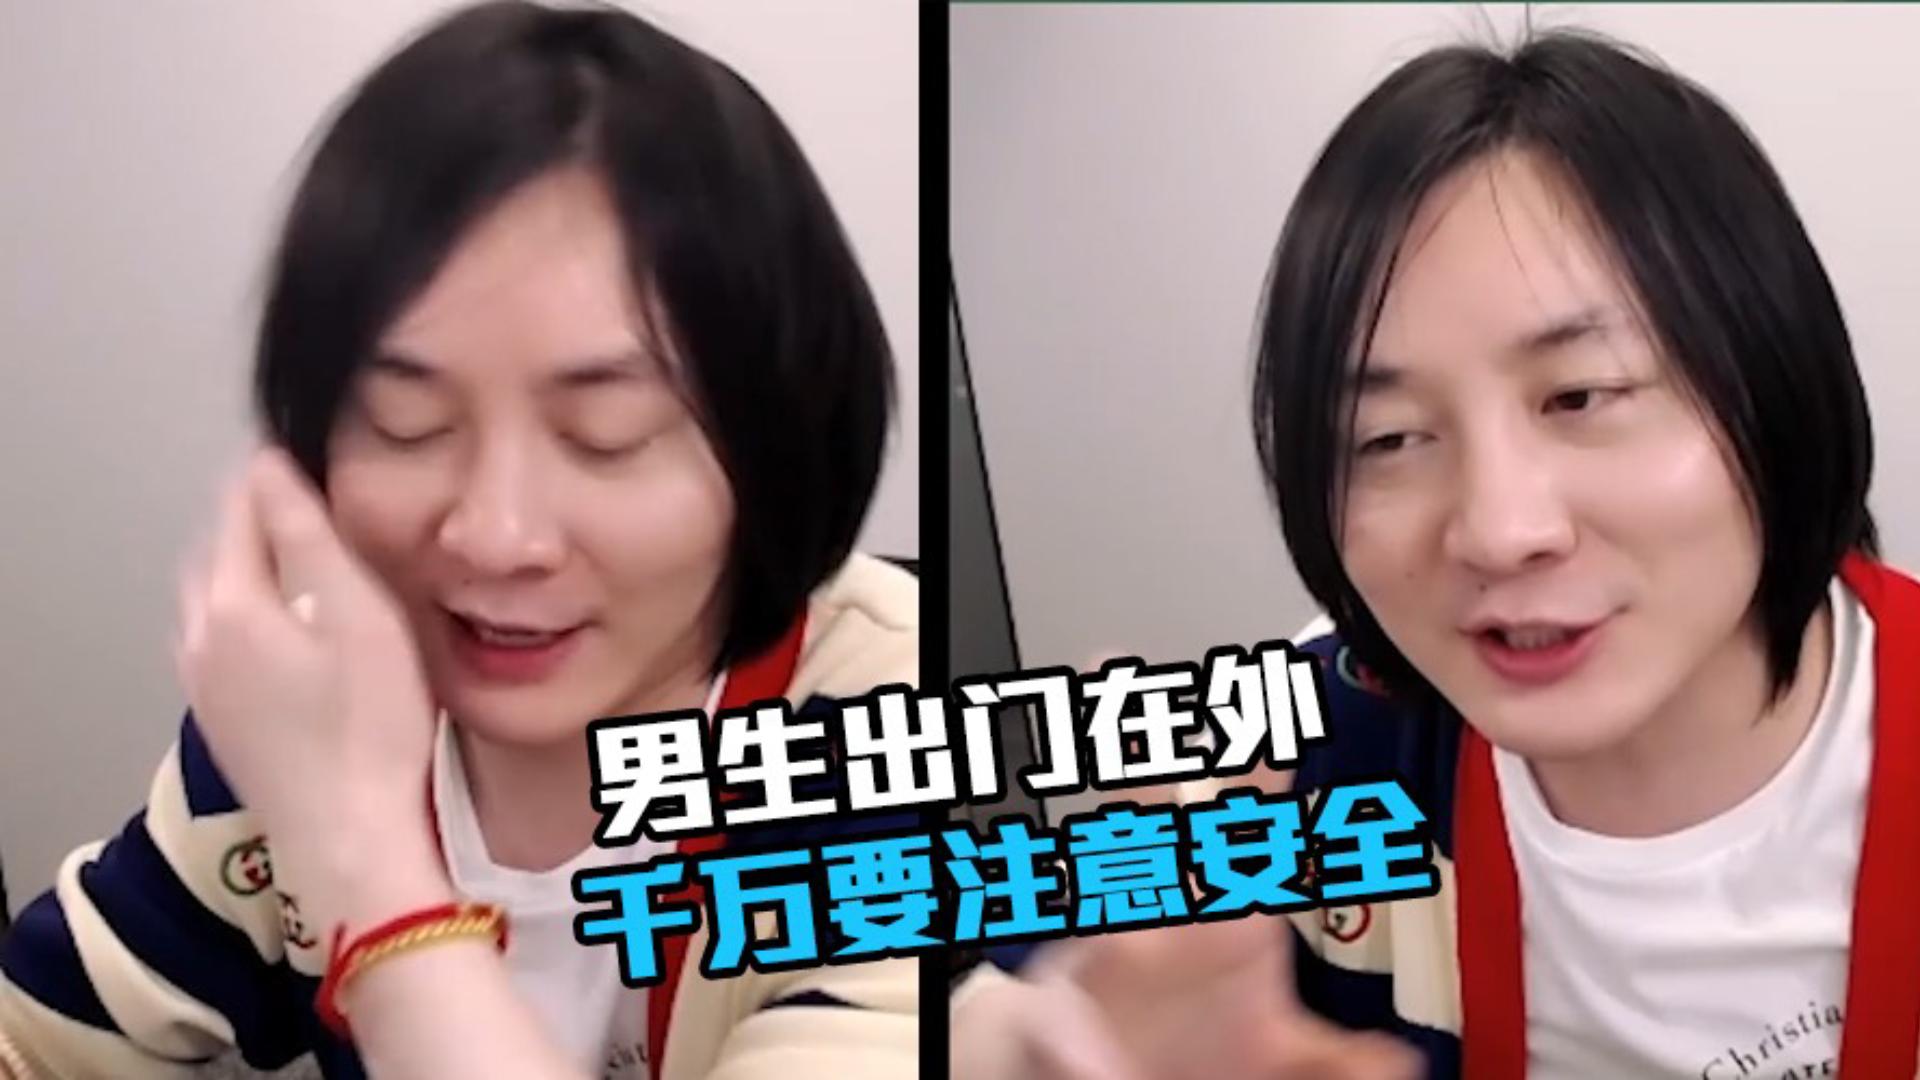 张大仙:男生出门在外千万要注意安全!